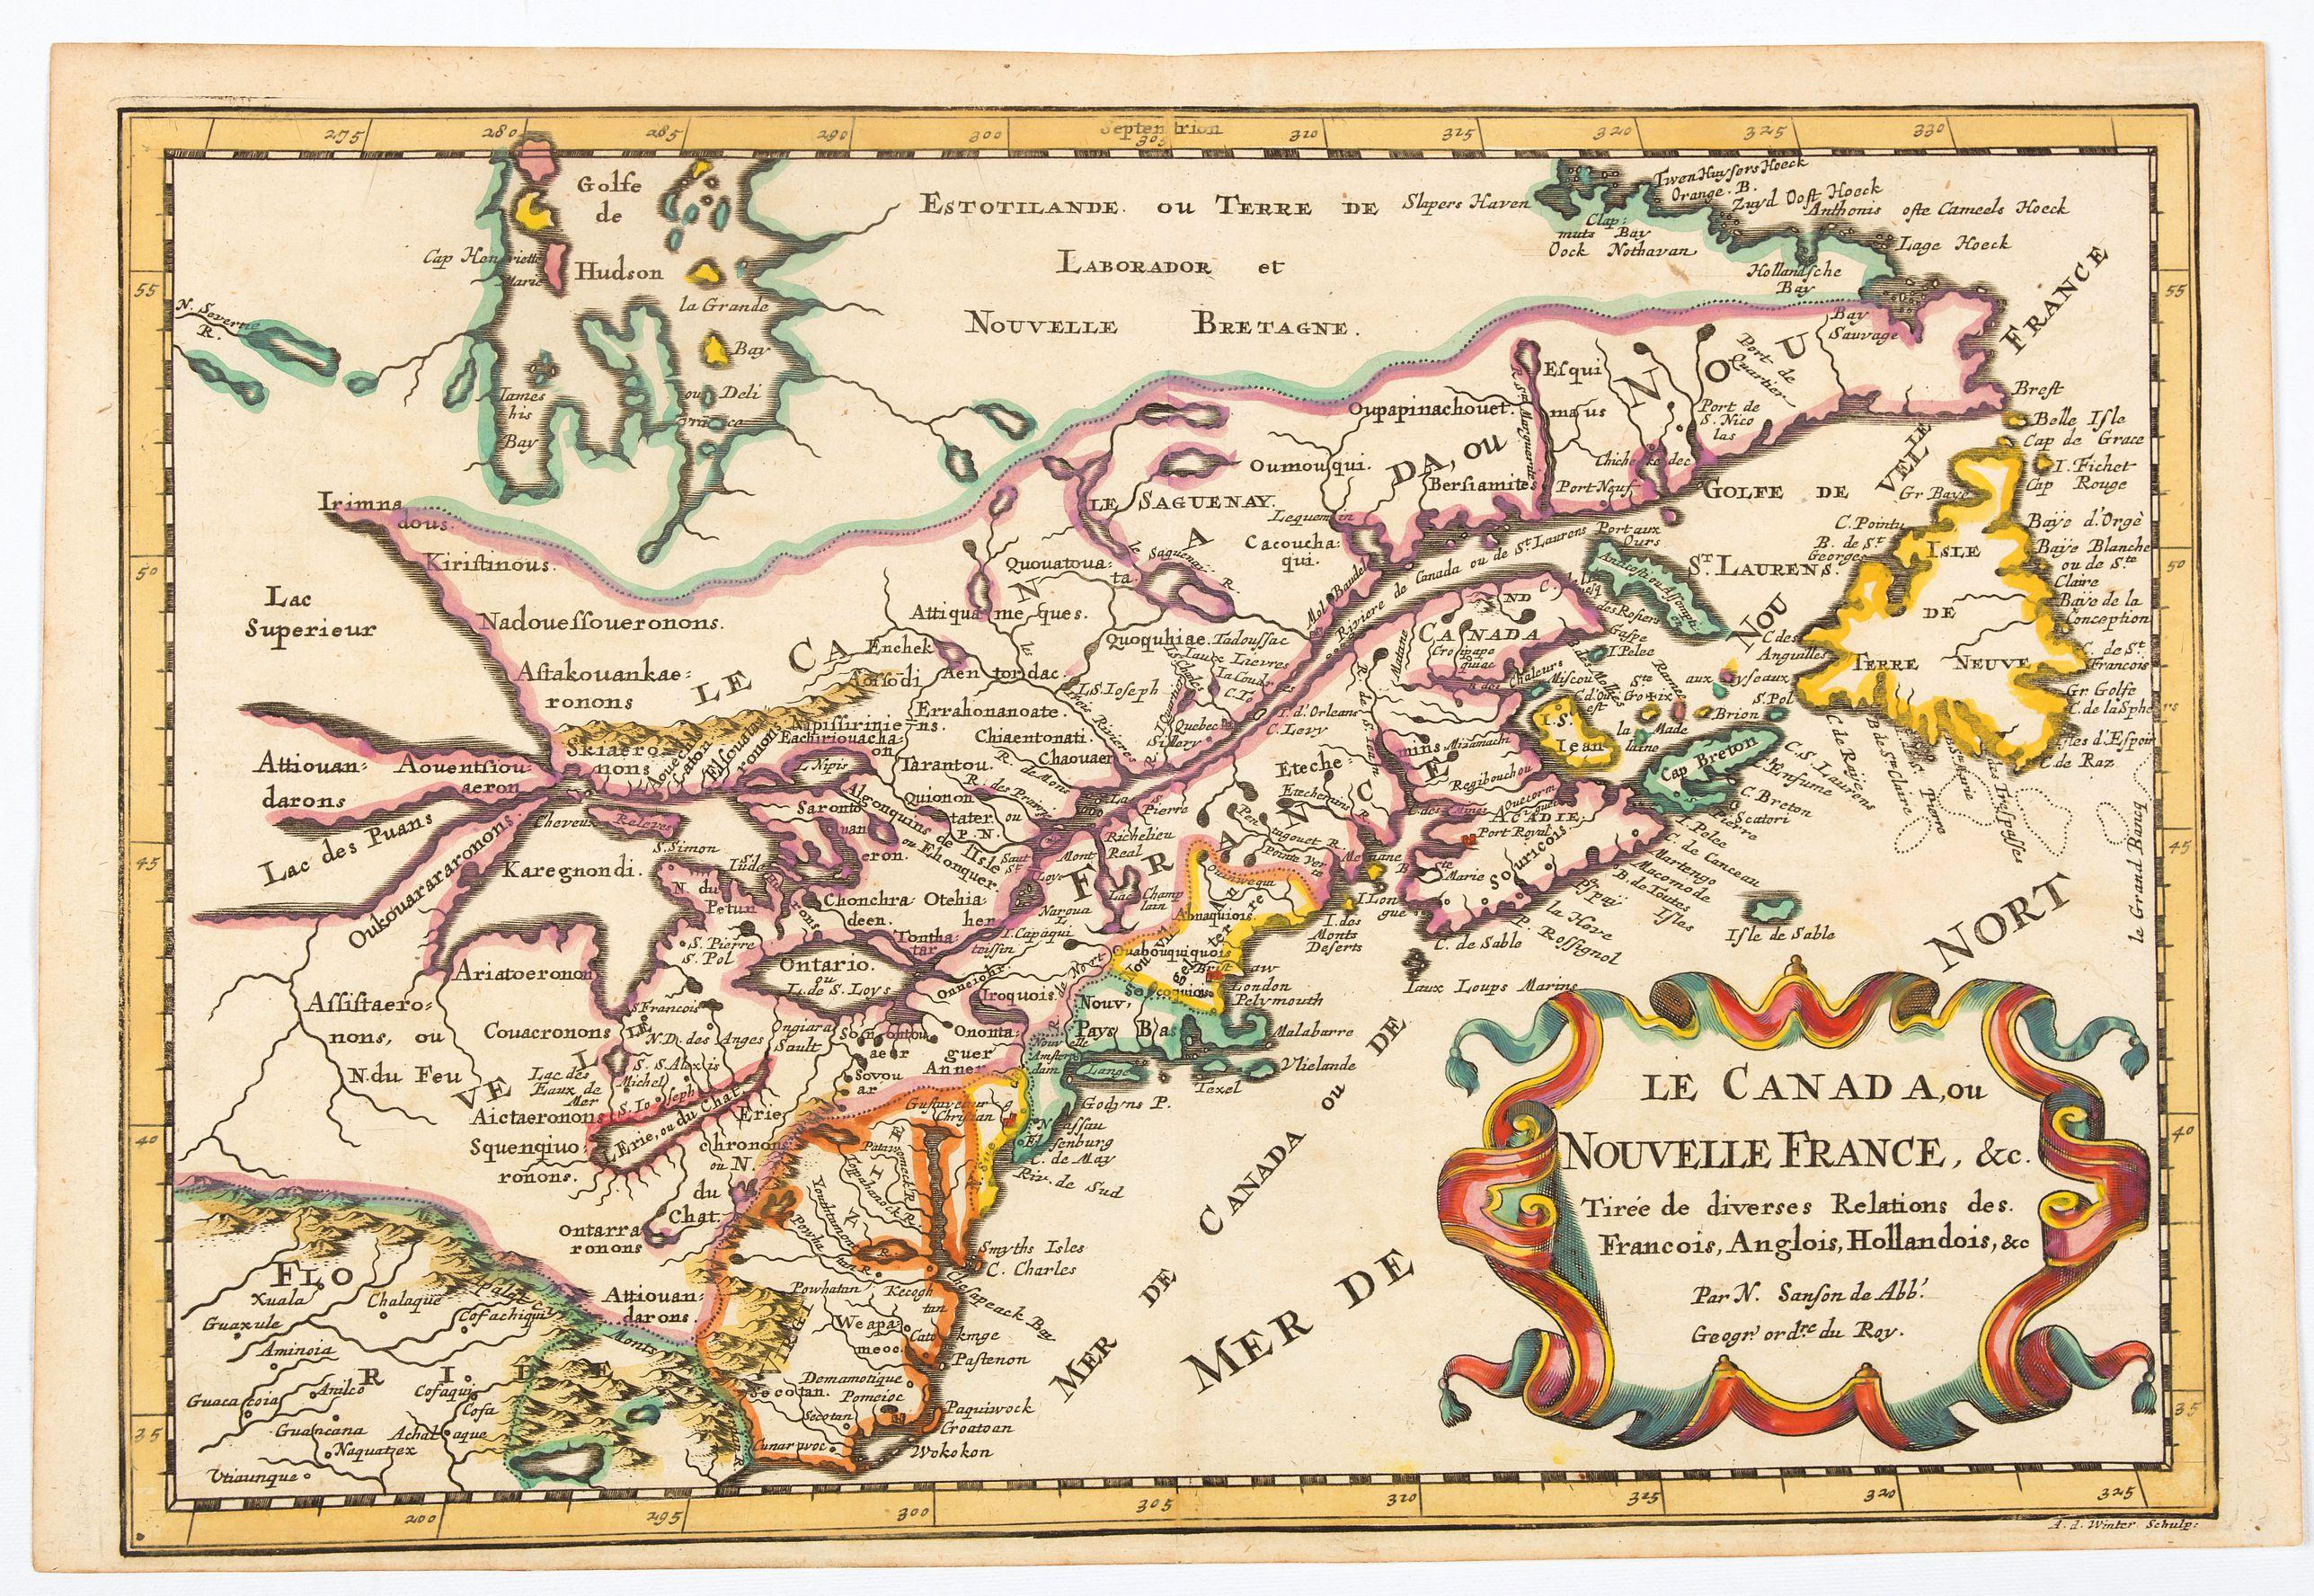 LUYTS, Johannis. -  Le Canada, ou Nouvelle France, &c, tiree de diverses Relations des Francois, Anglois, Hollandois, &c. . .